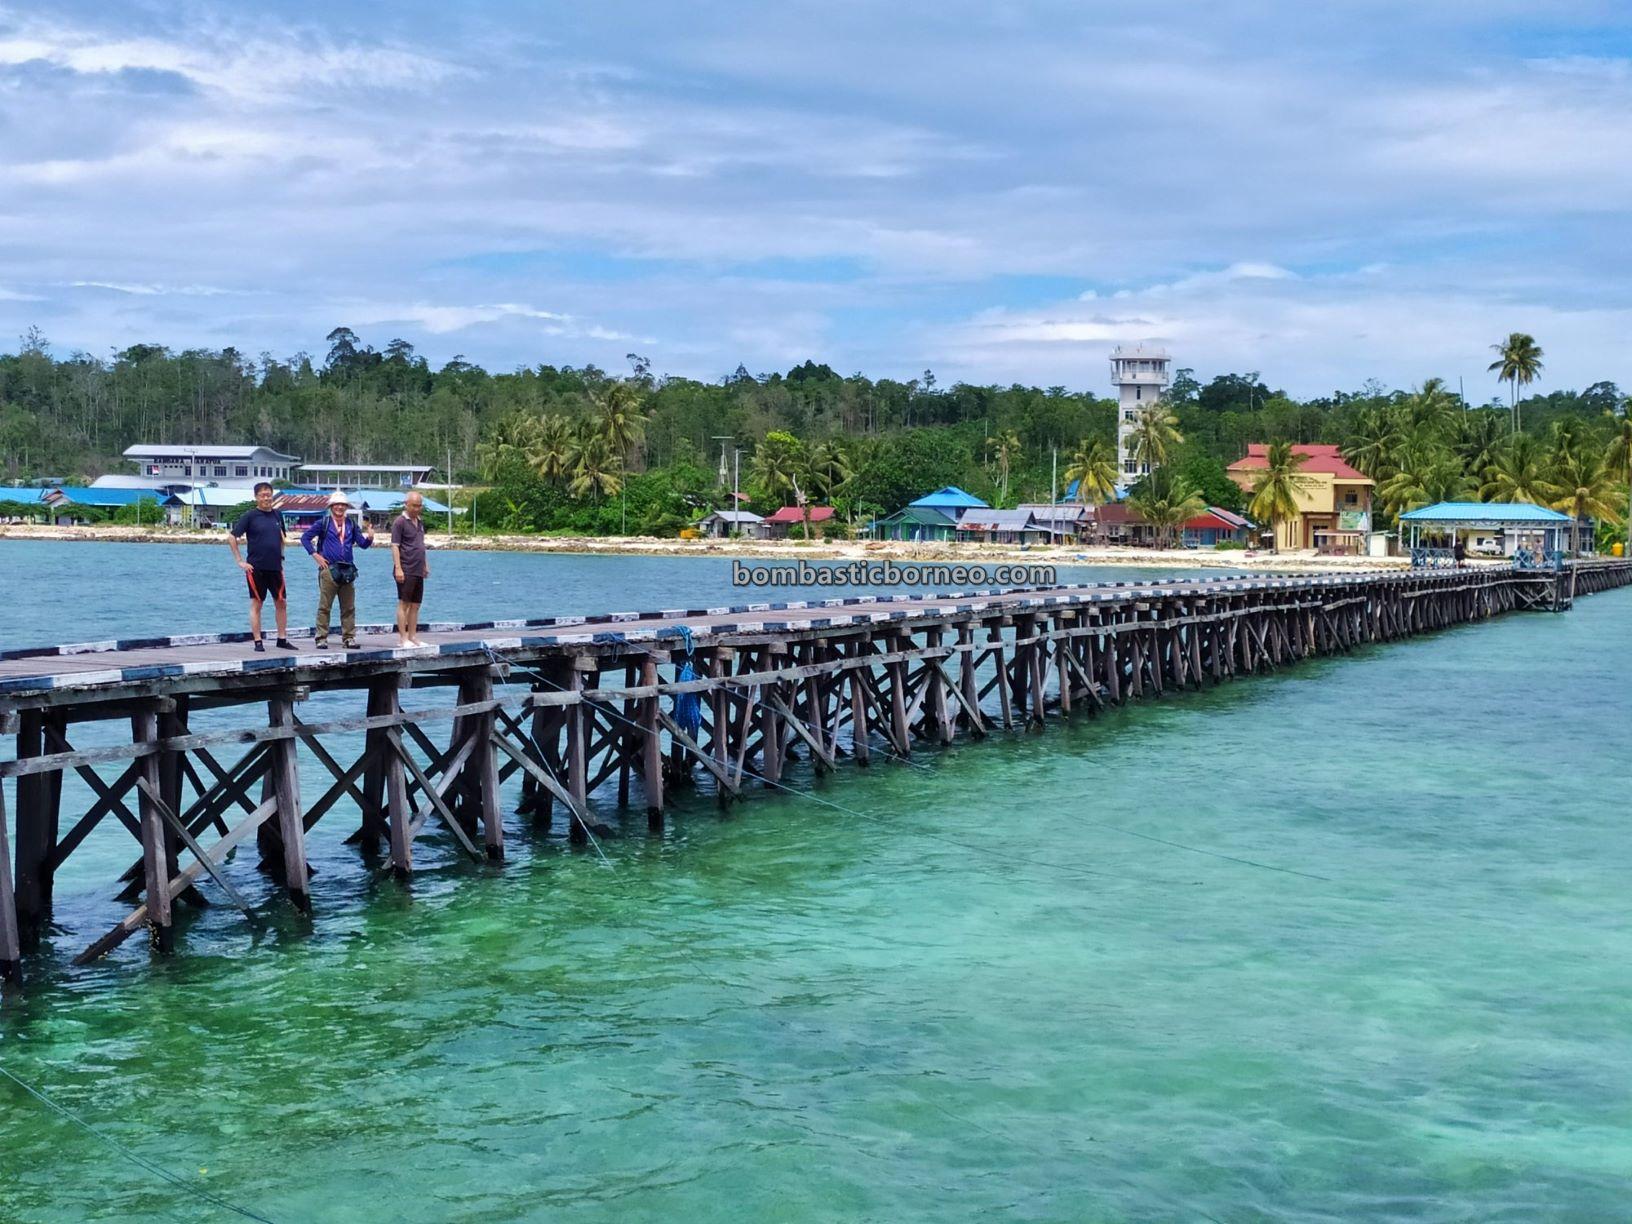 Kepulauan Derawan, white sandy beaches, Pasir Putih, Kampung Payung-Payung, Bajau village, nature, holiday, vacation, Pariwisata, Tourism, travel guide, Trans Borneo, 穿越婆罗洲游踪, 印尼东加里曼丹, 马拉图娃岛旅游景点,